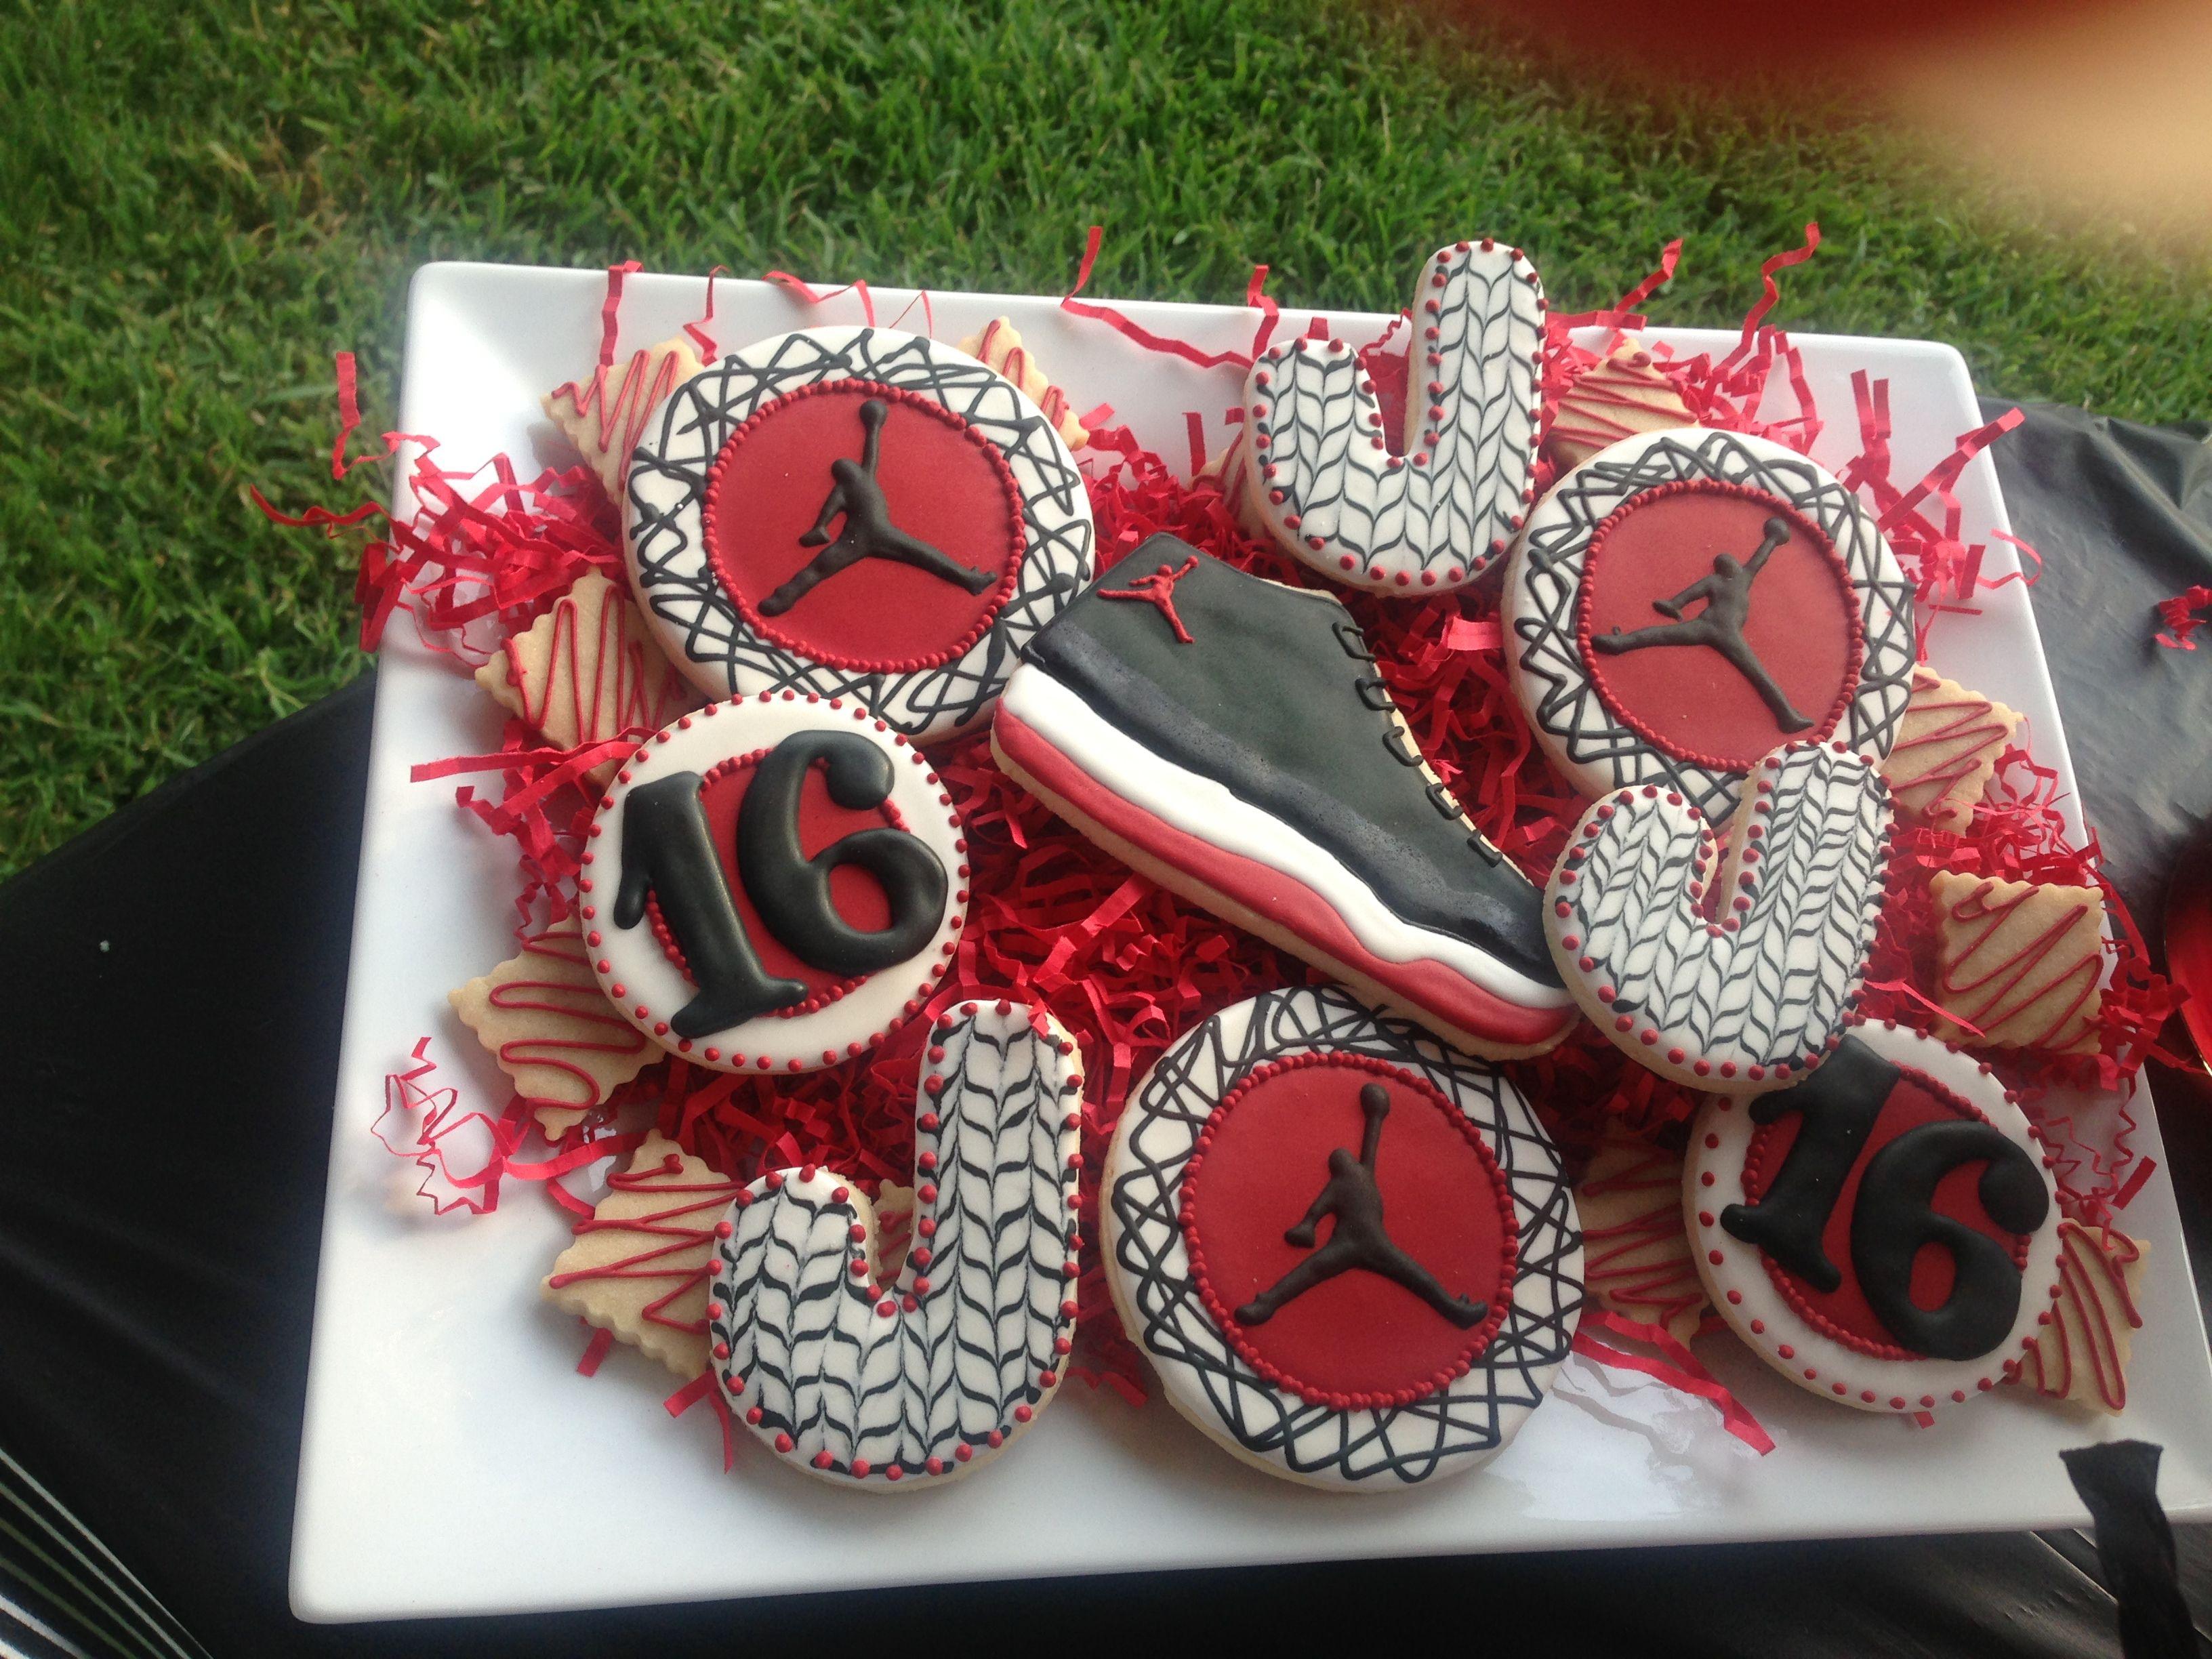 Air Jordan cookies